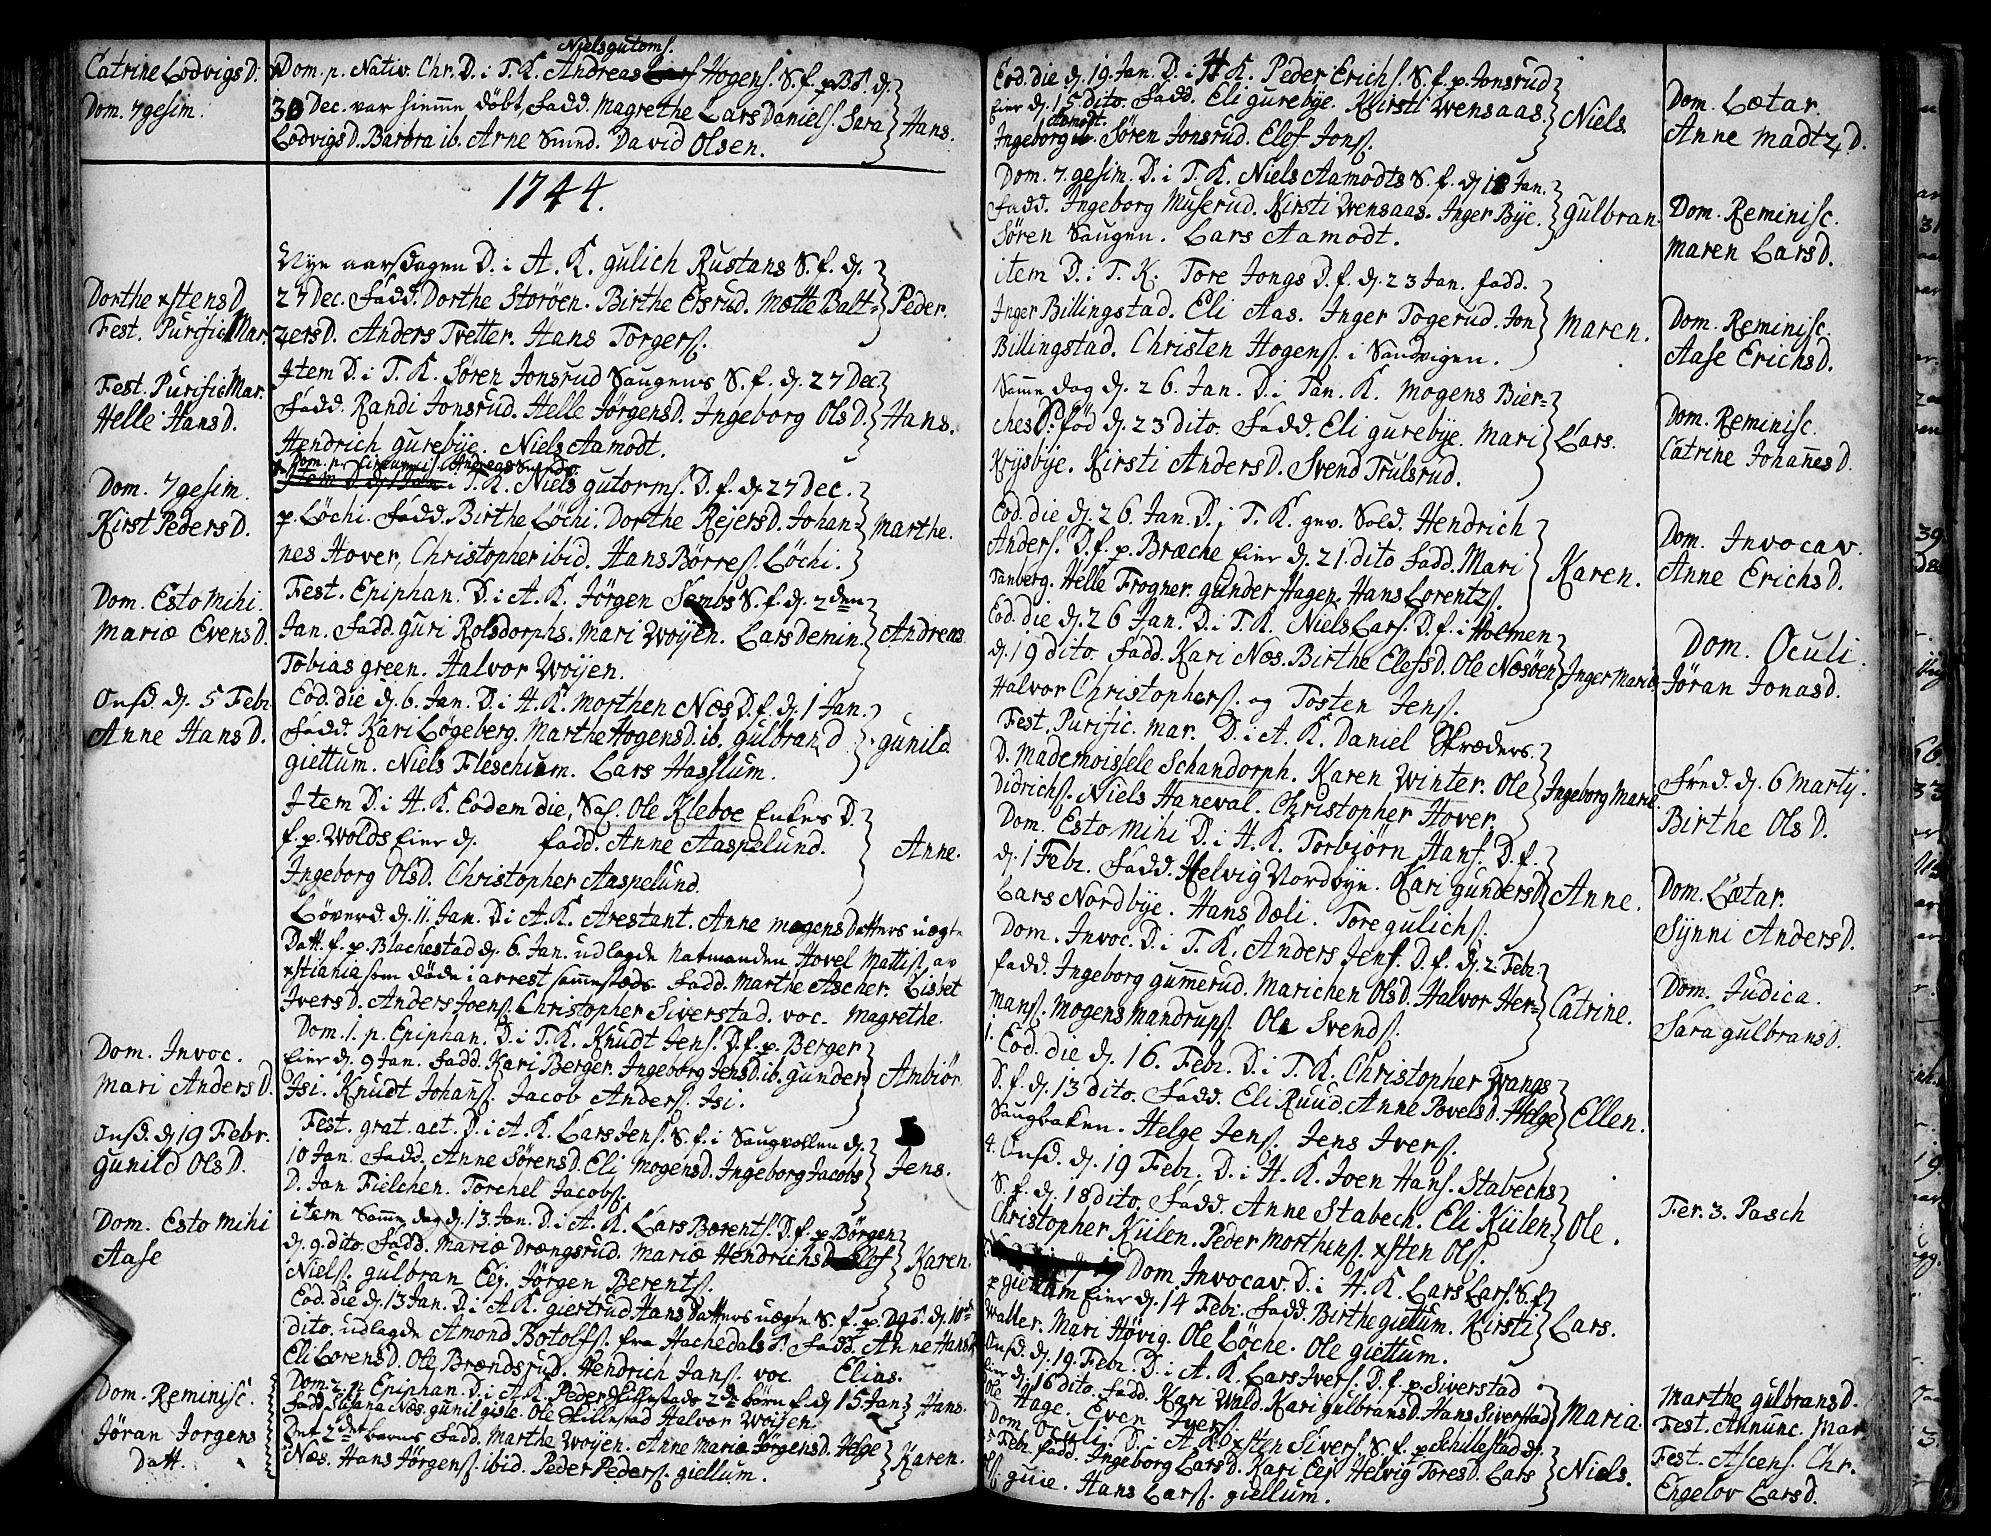 SAO, Asker prestekontor Kirkebøker, F/Fa/L0001: Ministerialbok nr. I 1, 1726-1744, s. 84